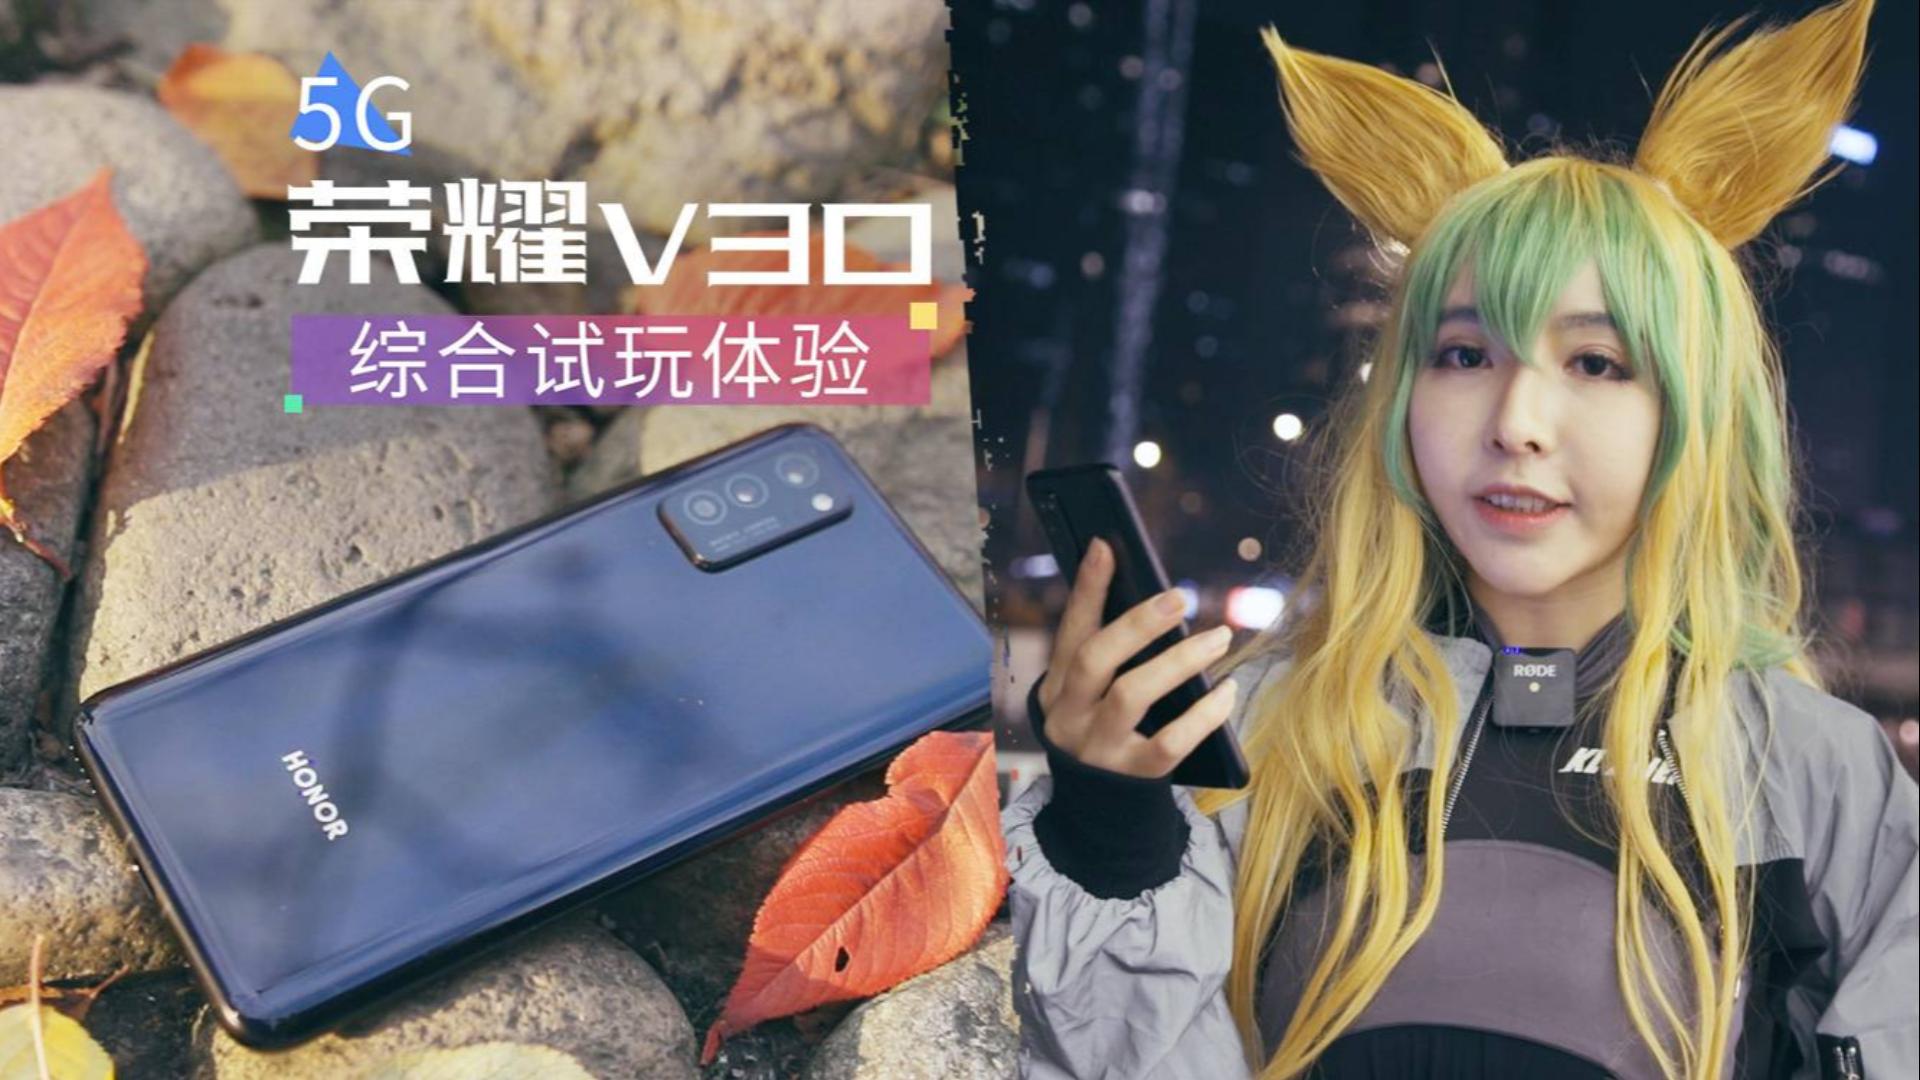 用荣耀V30在杭州实测5G速度下游戏36M/S,拍视频防抖效果相当惊喜,感觉很适合拍Vlog